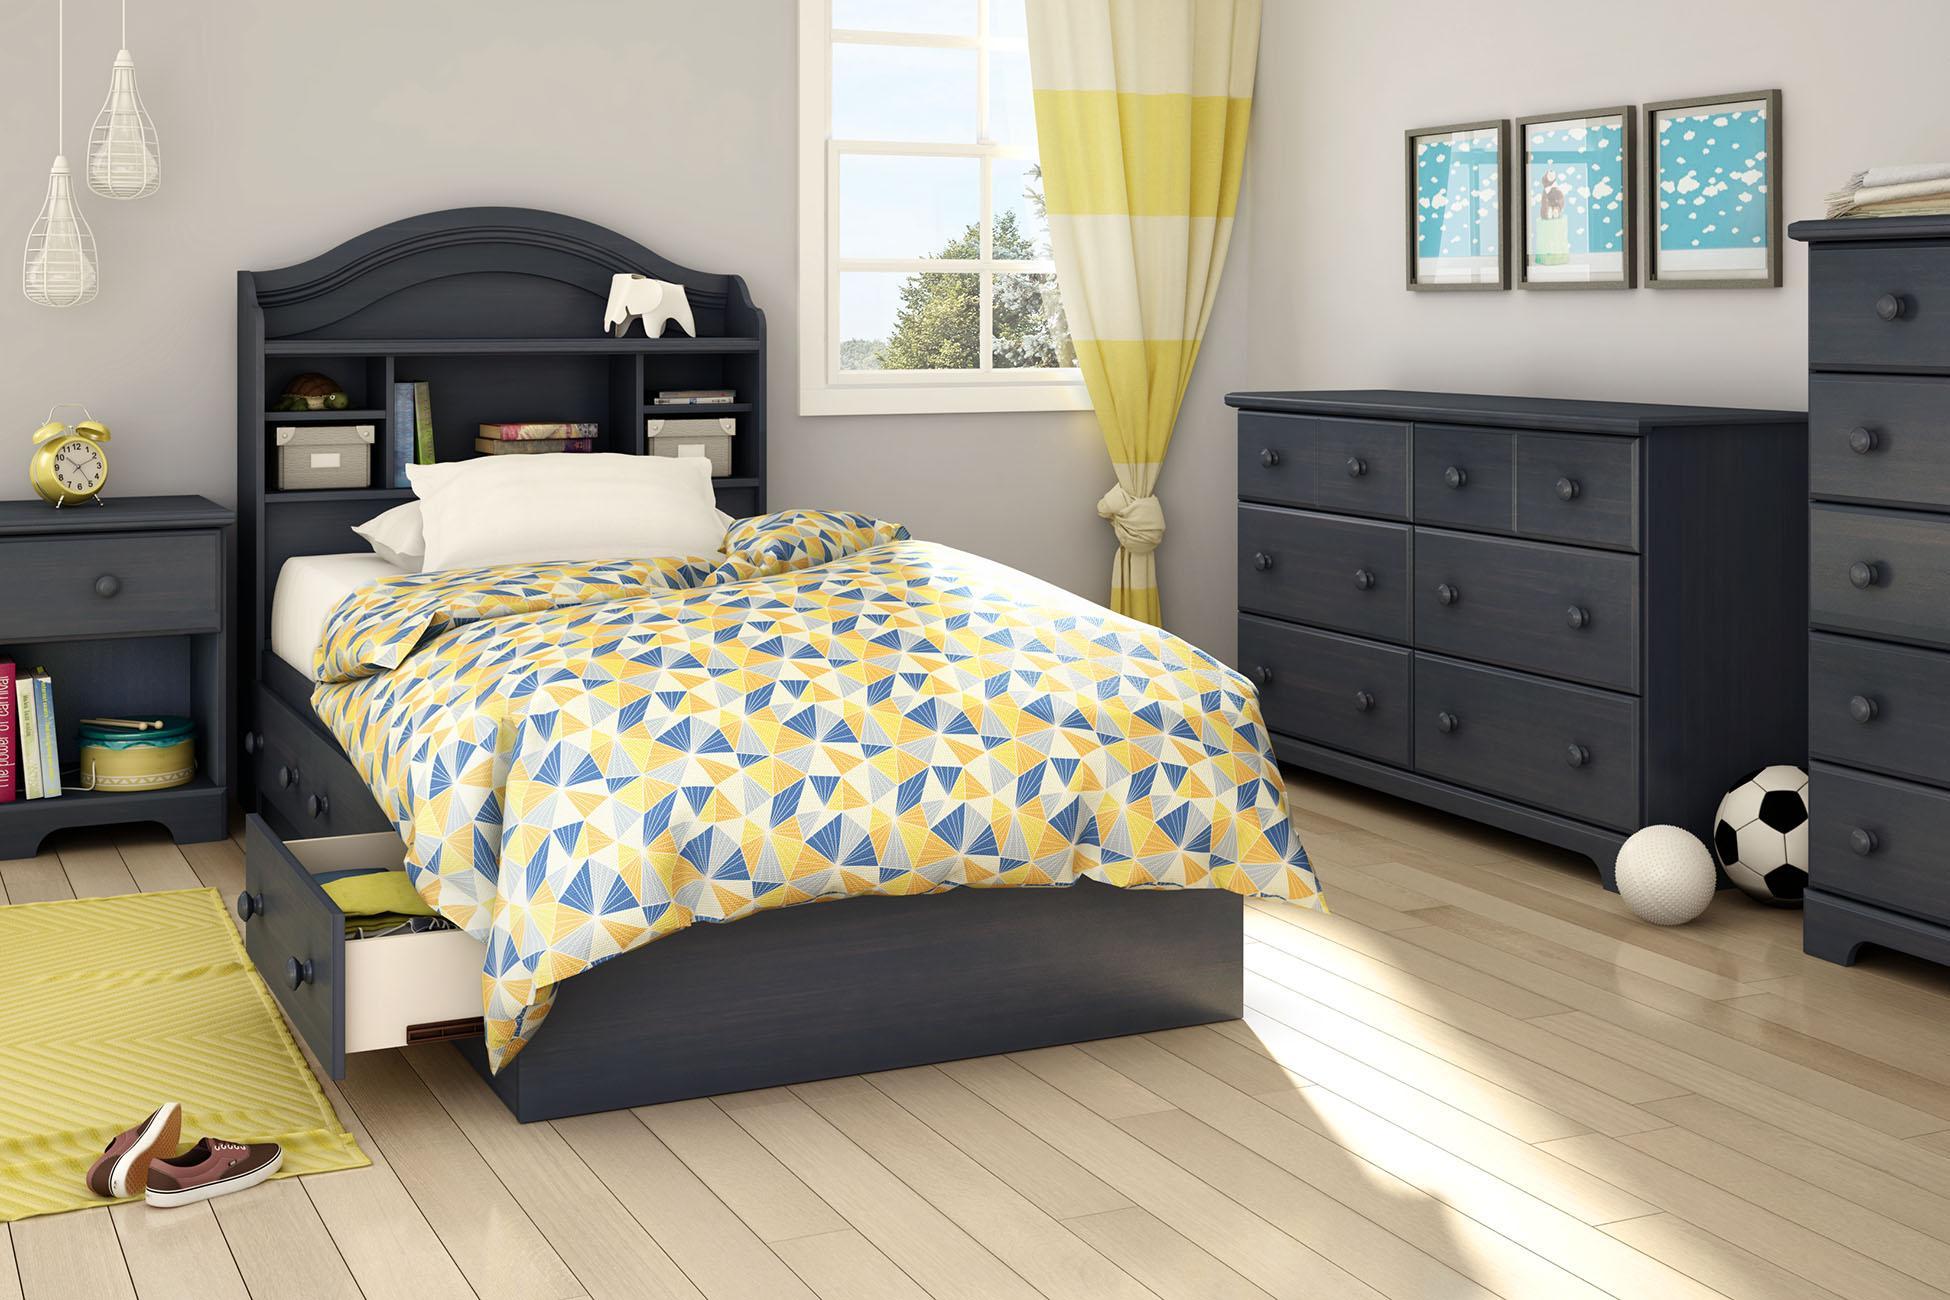 south shore furniture summer breeze collection 6 drawer dresser blueberry. Black Bedroom Furniture Sets. Home Design Ideas